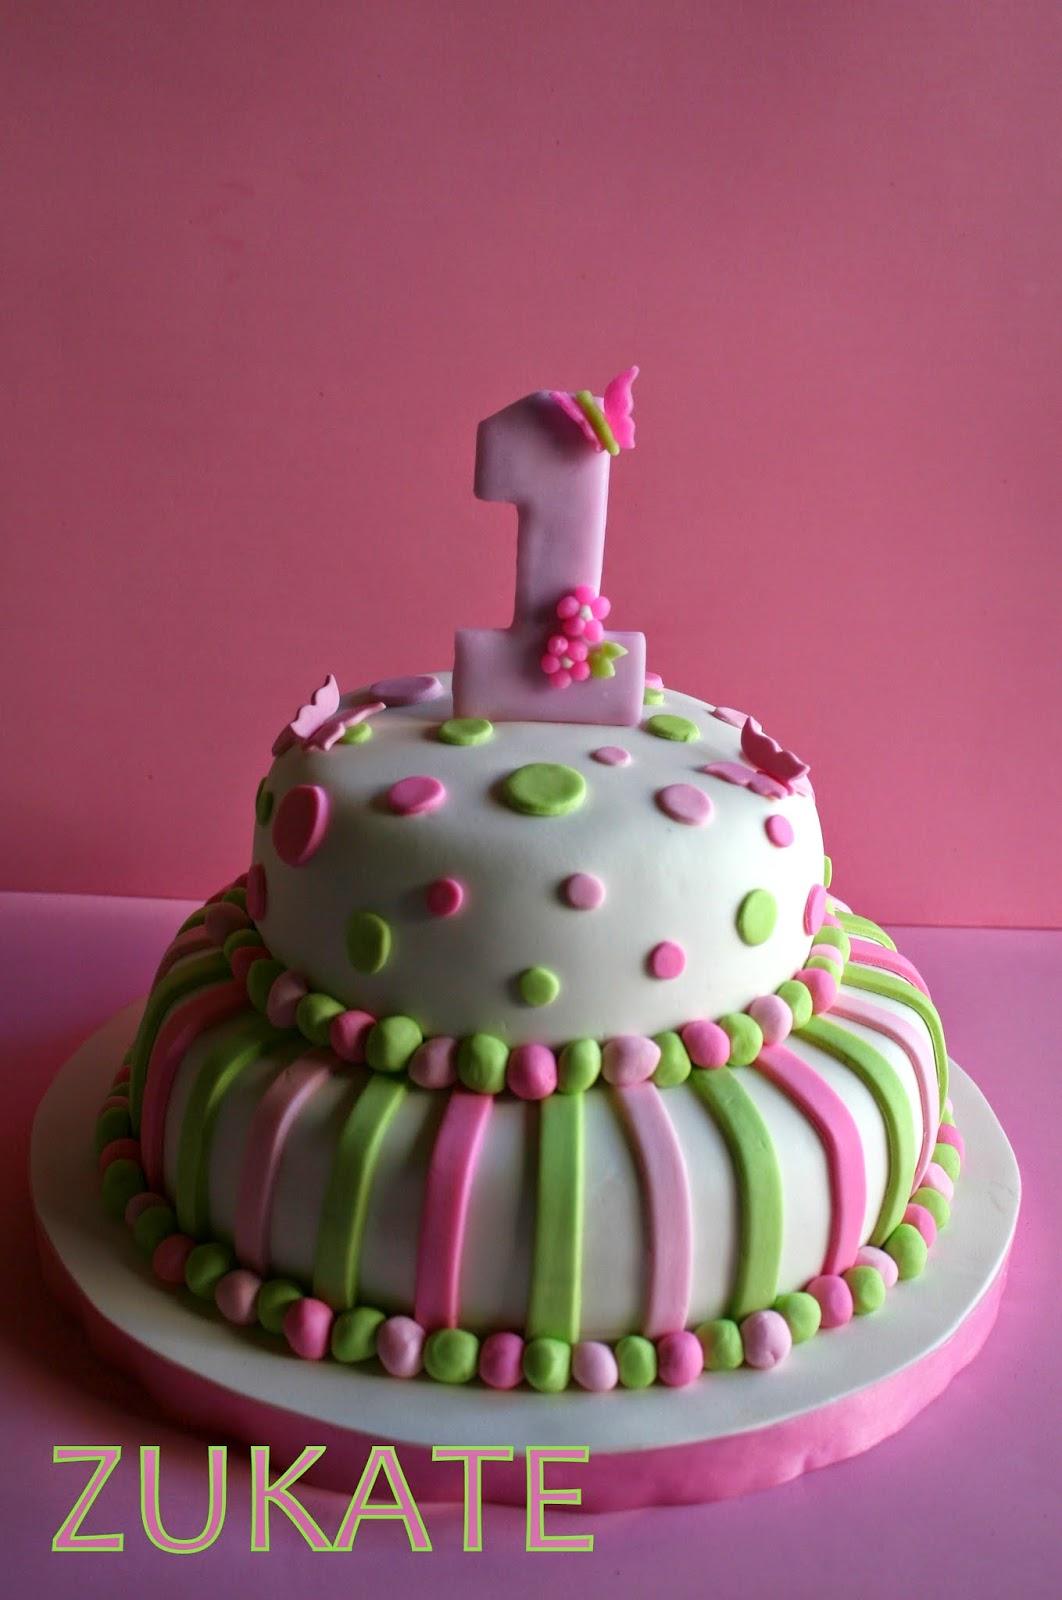 Fotos de decoracion de tortas sencillas 73